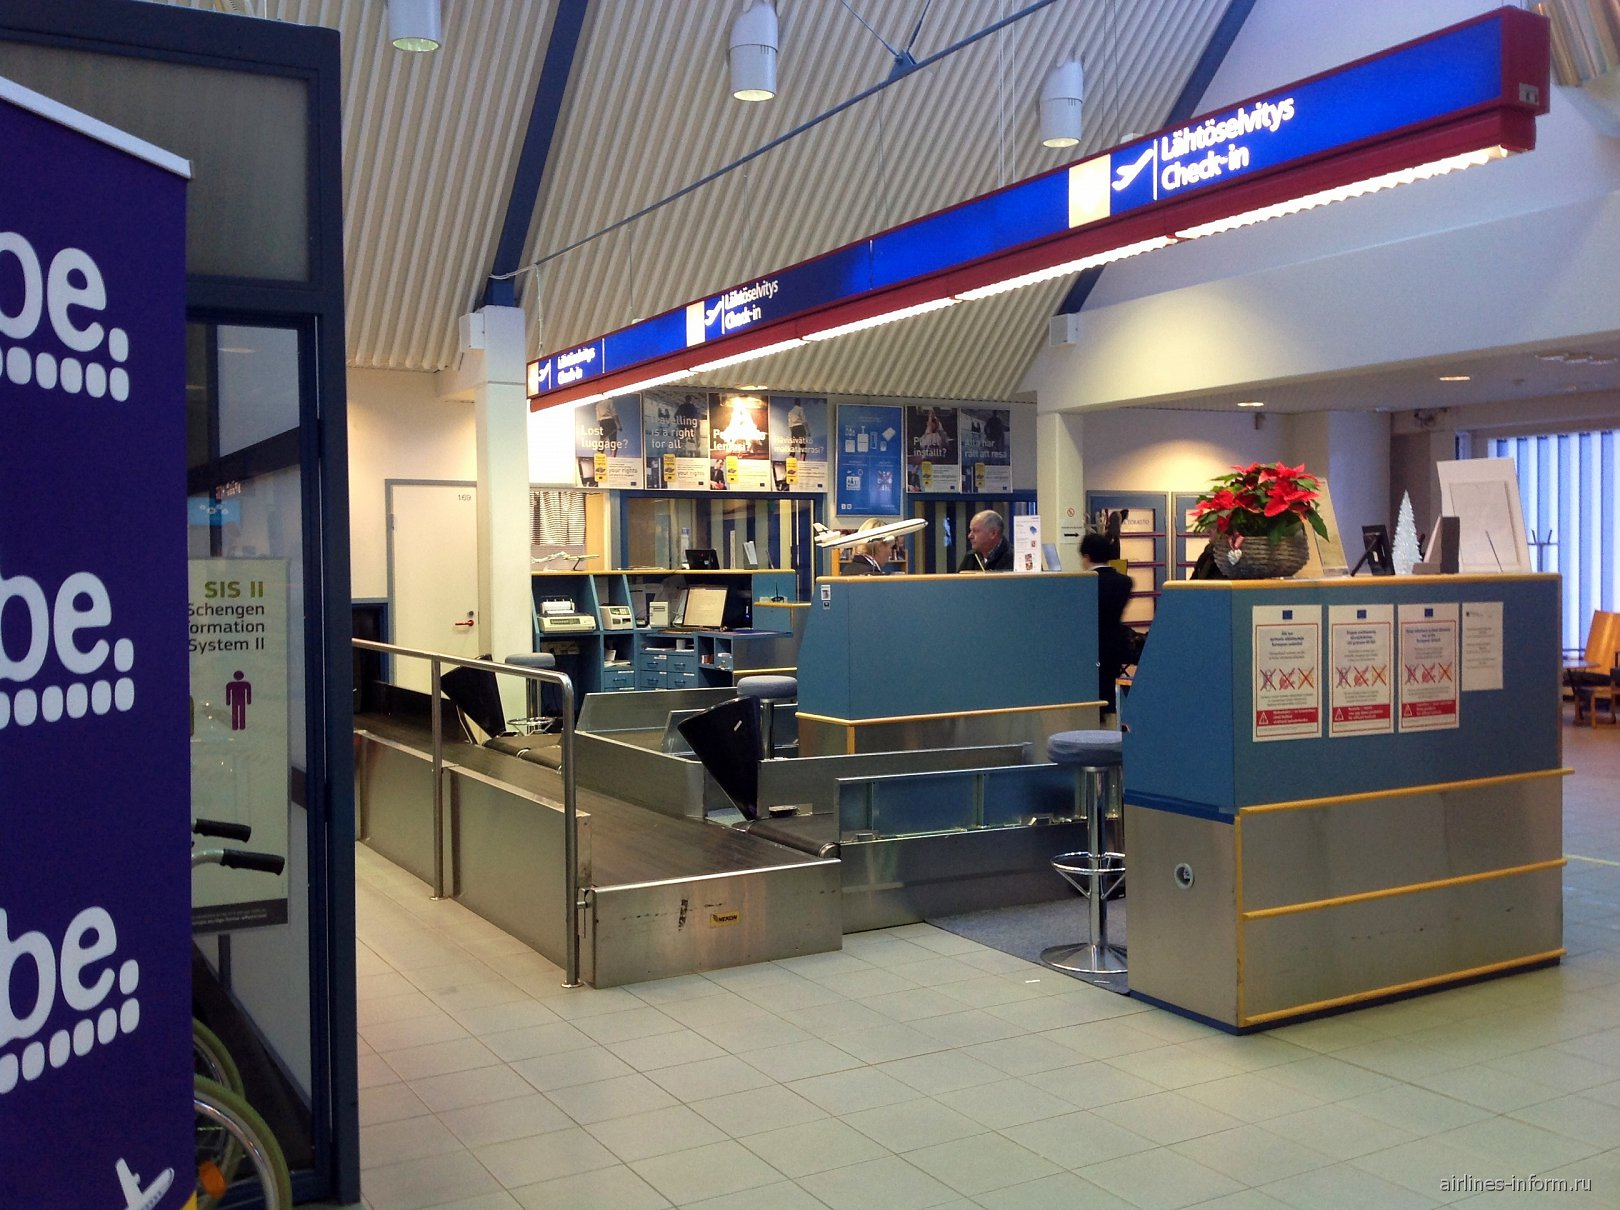 Стойки регистрации в аэропорту Каяни